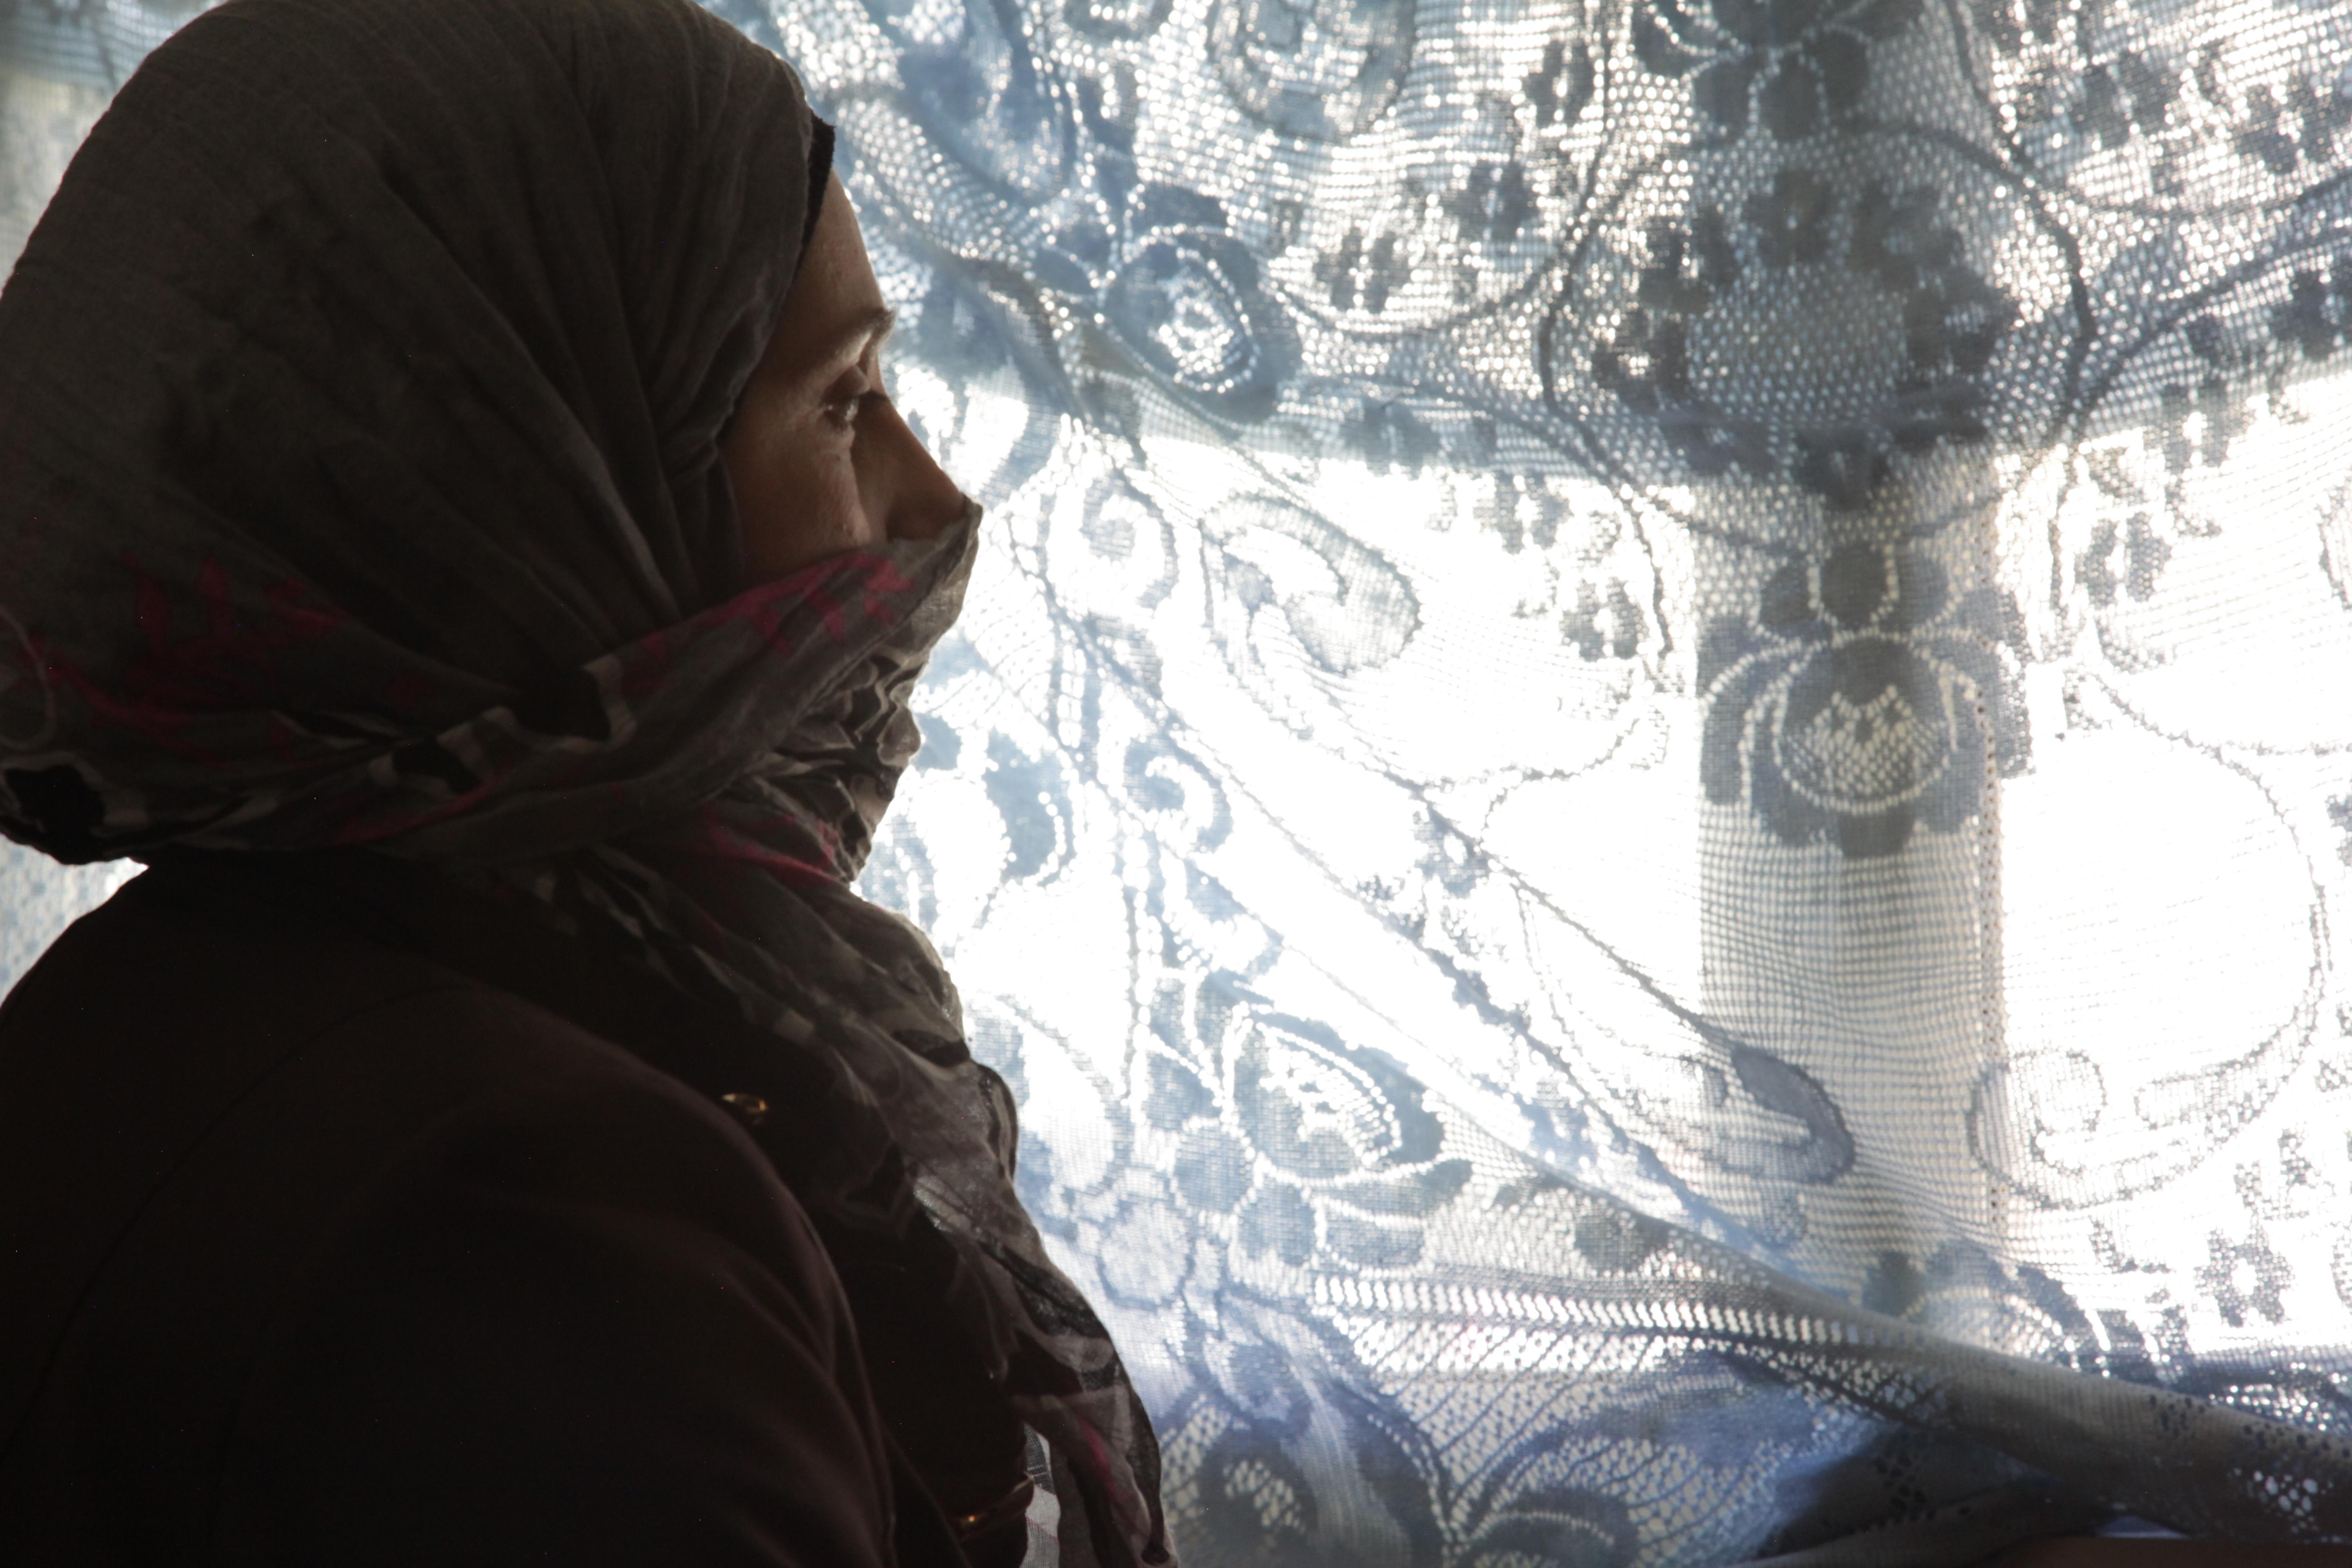 Syria: The Hidden War on Women (2015)